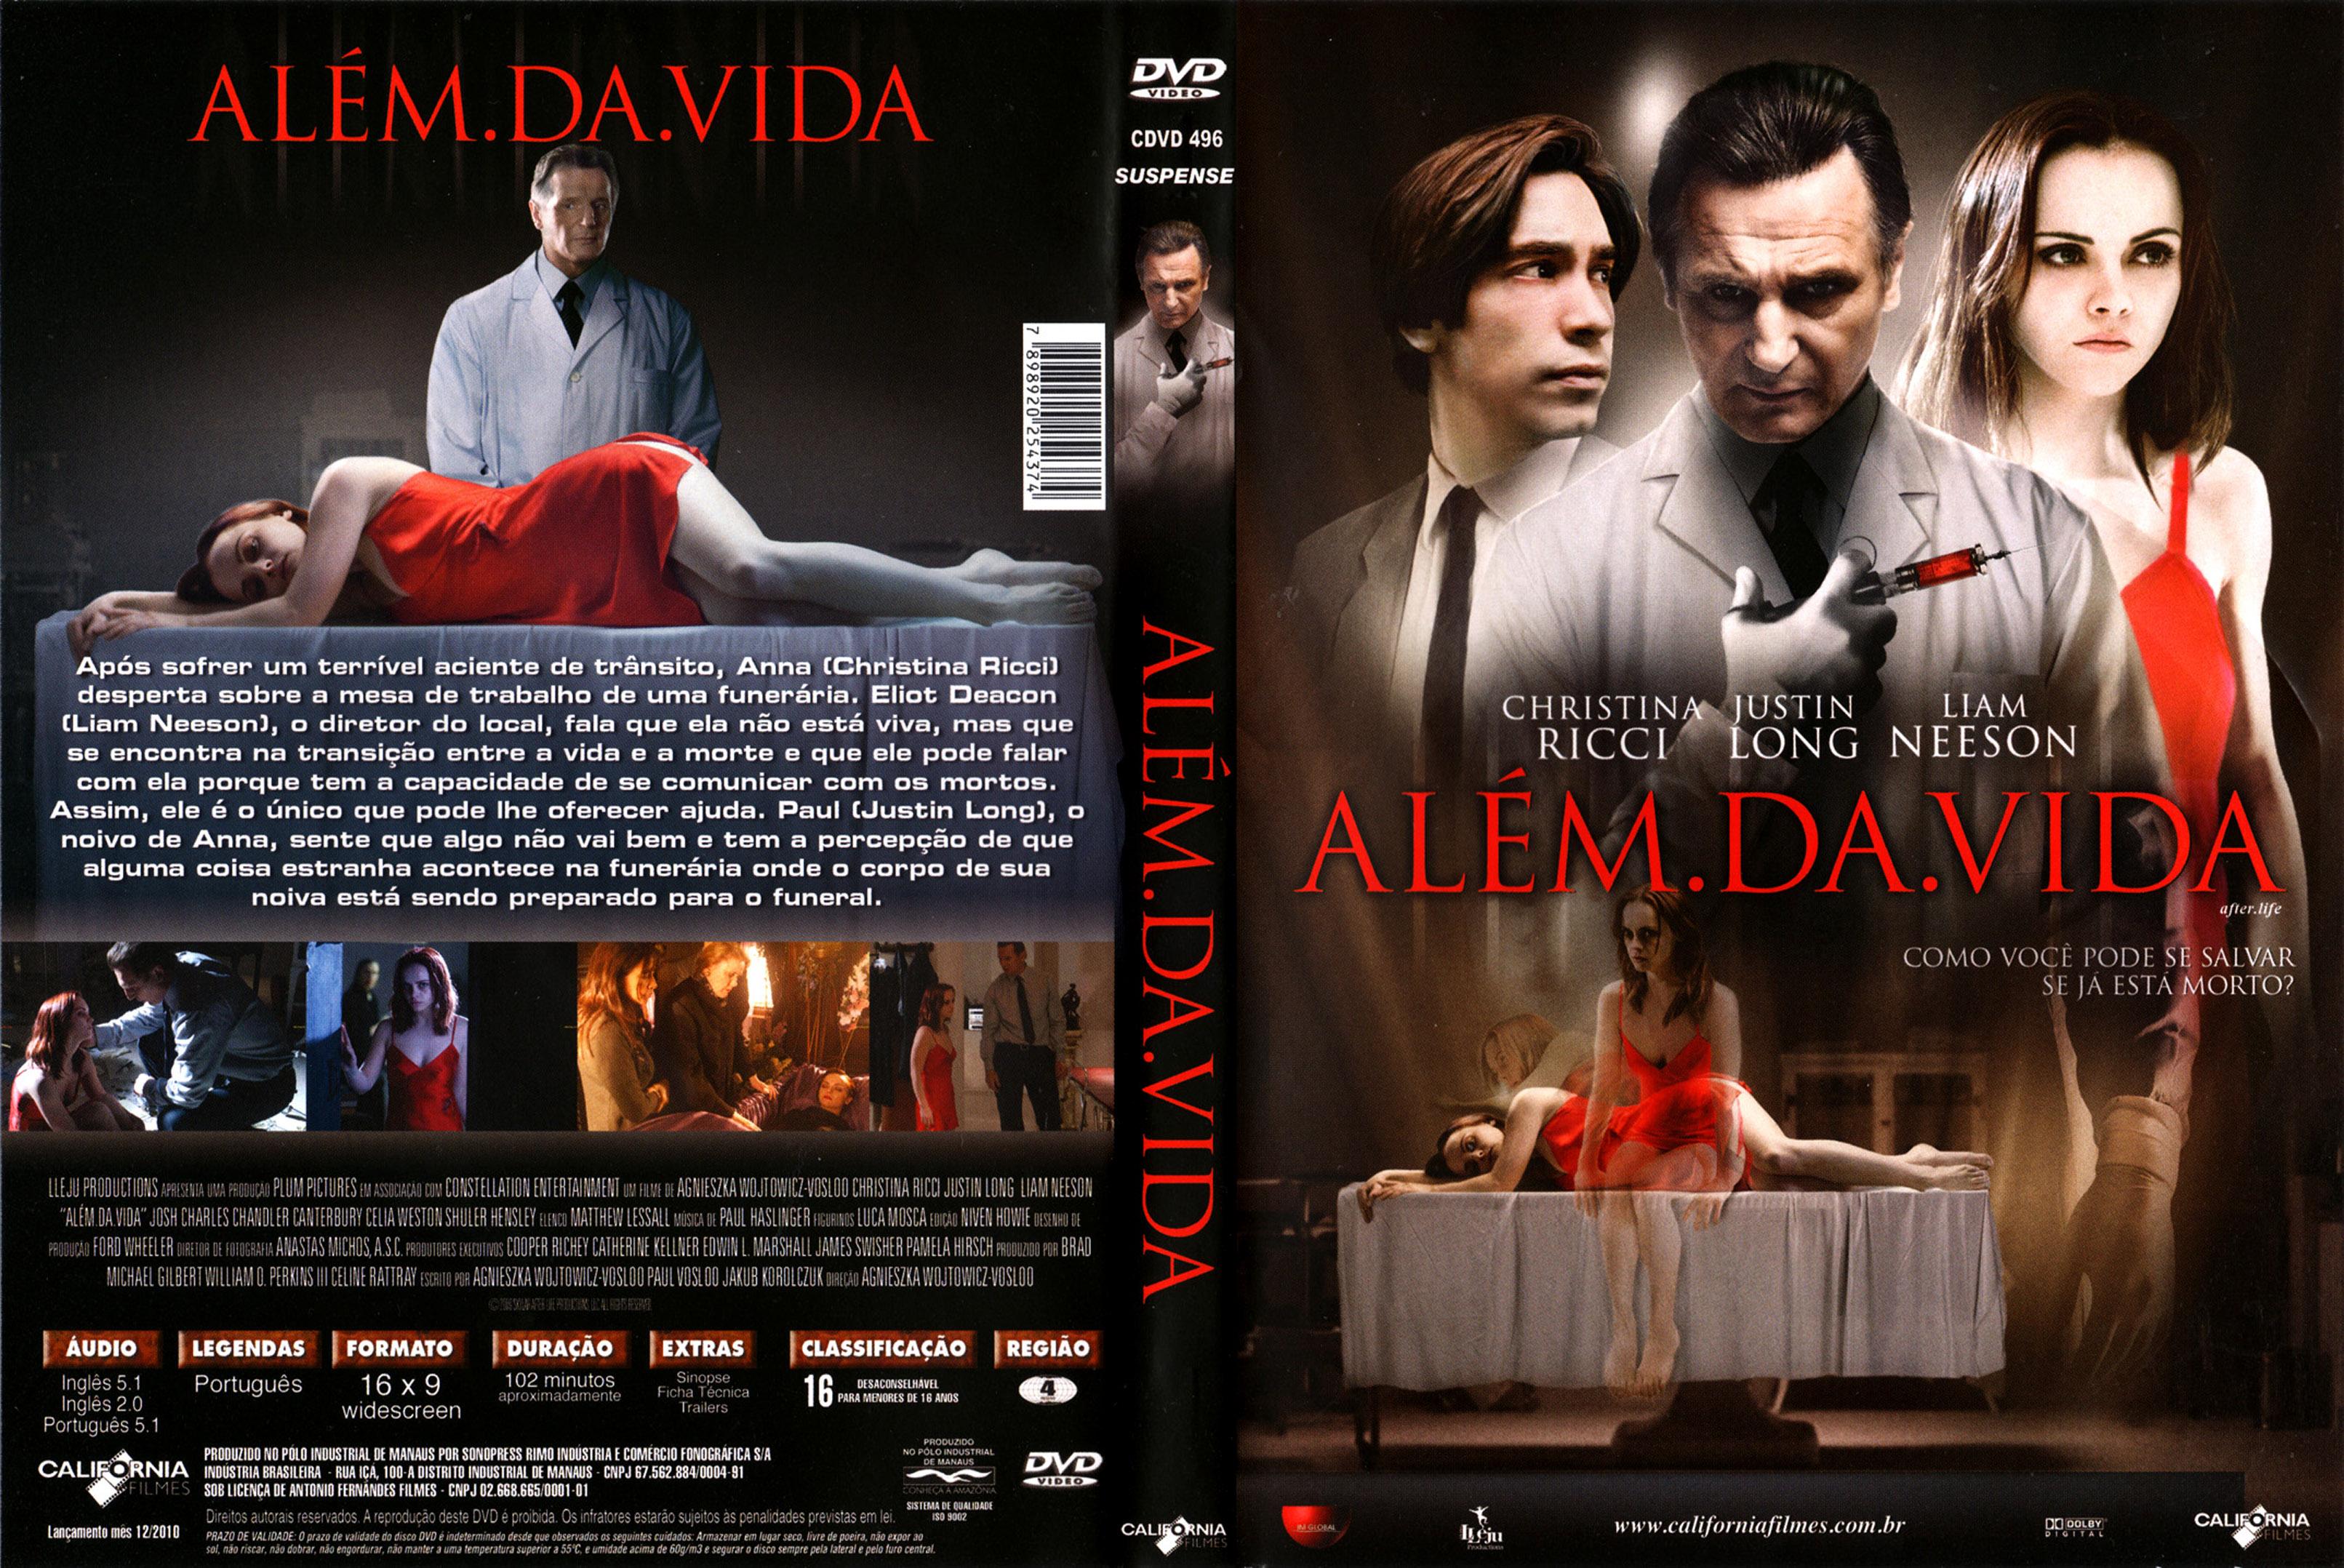 AlemdaVida1